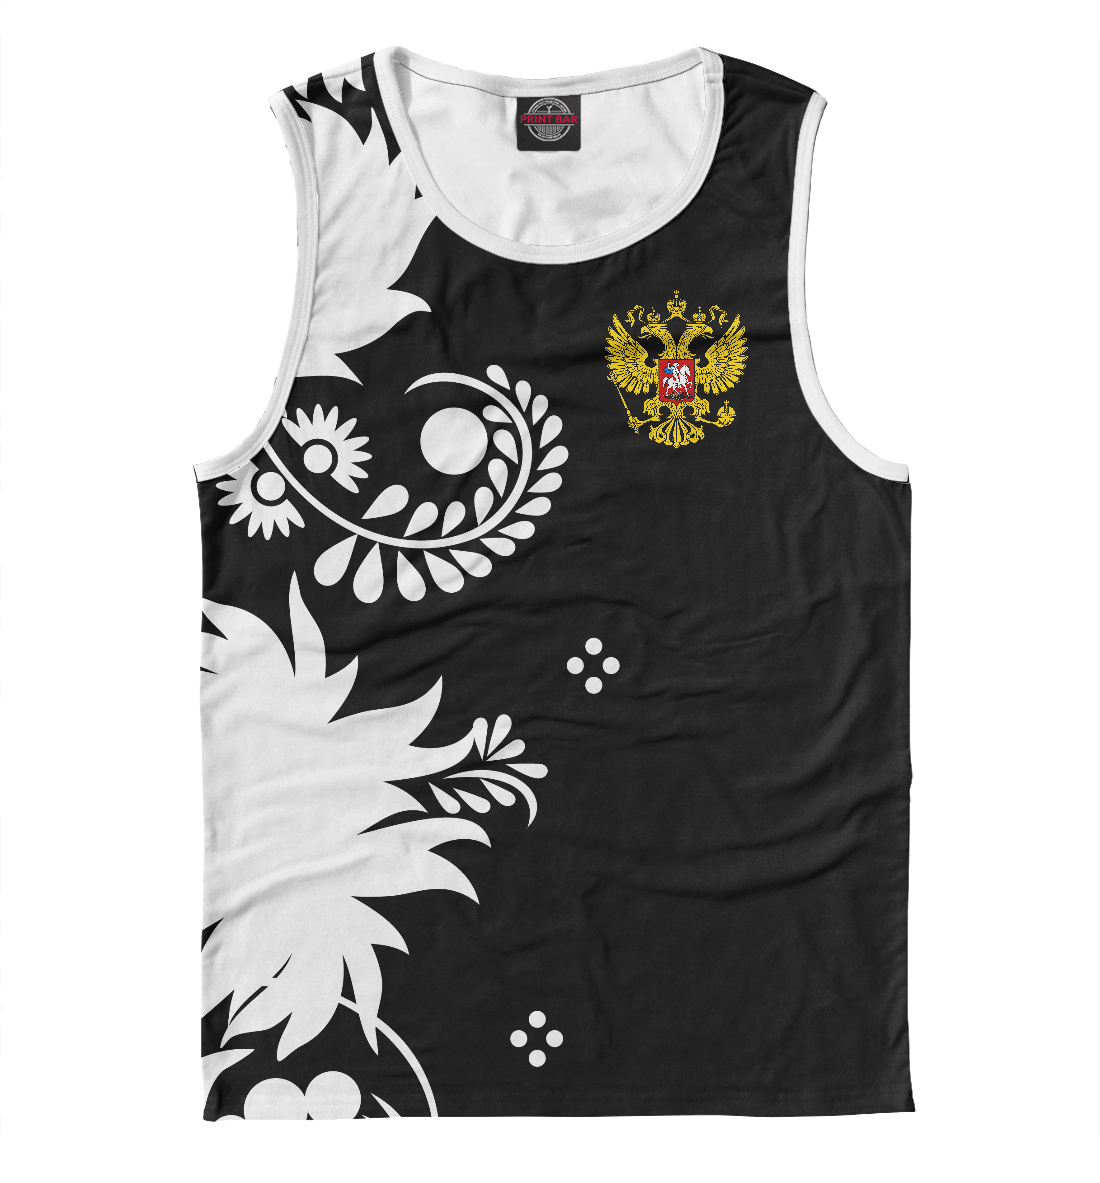 Купить Россия, Printbar, Майки, RZN-539122-may-2